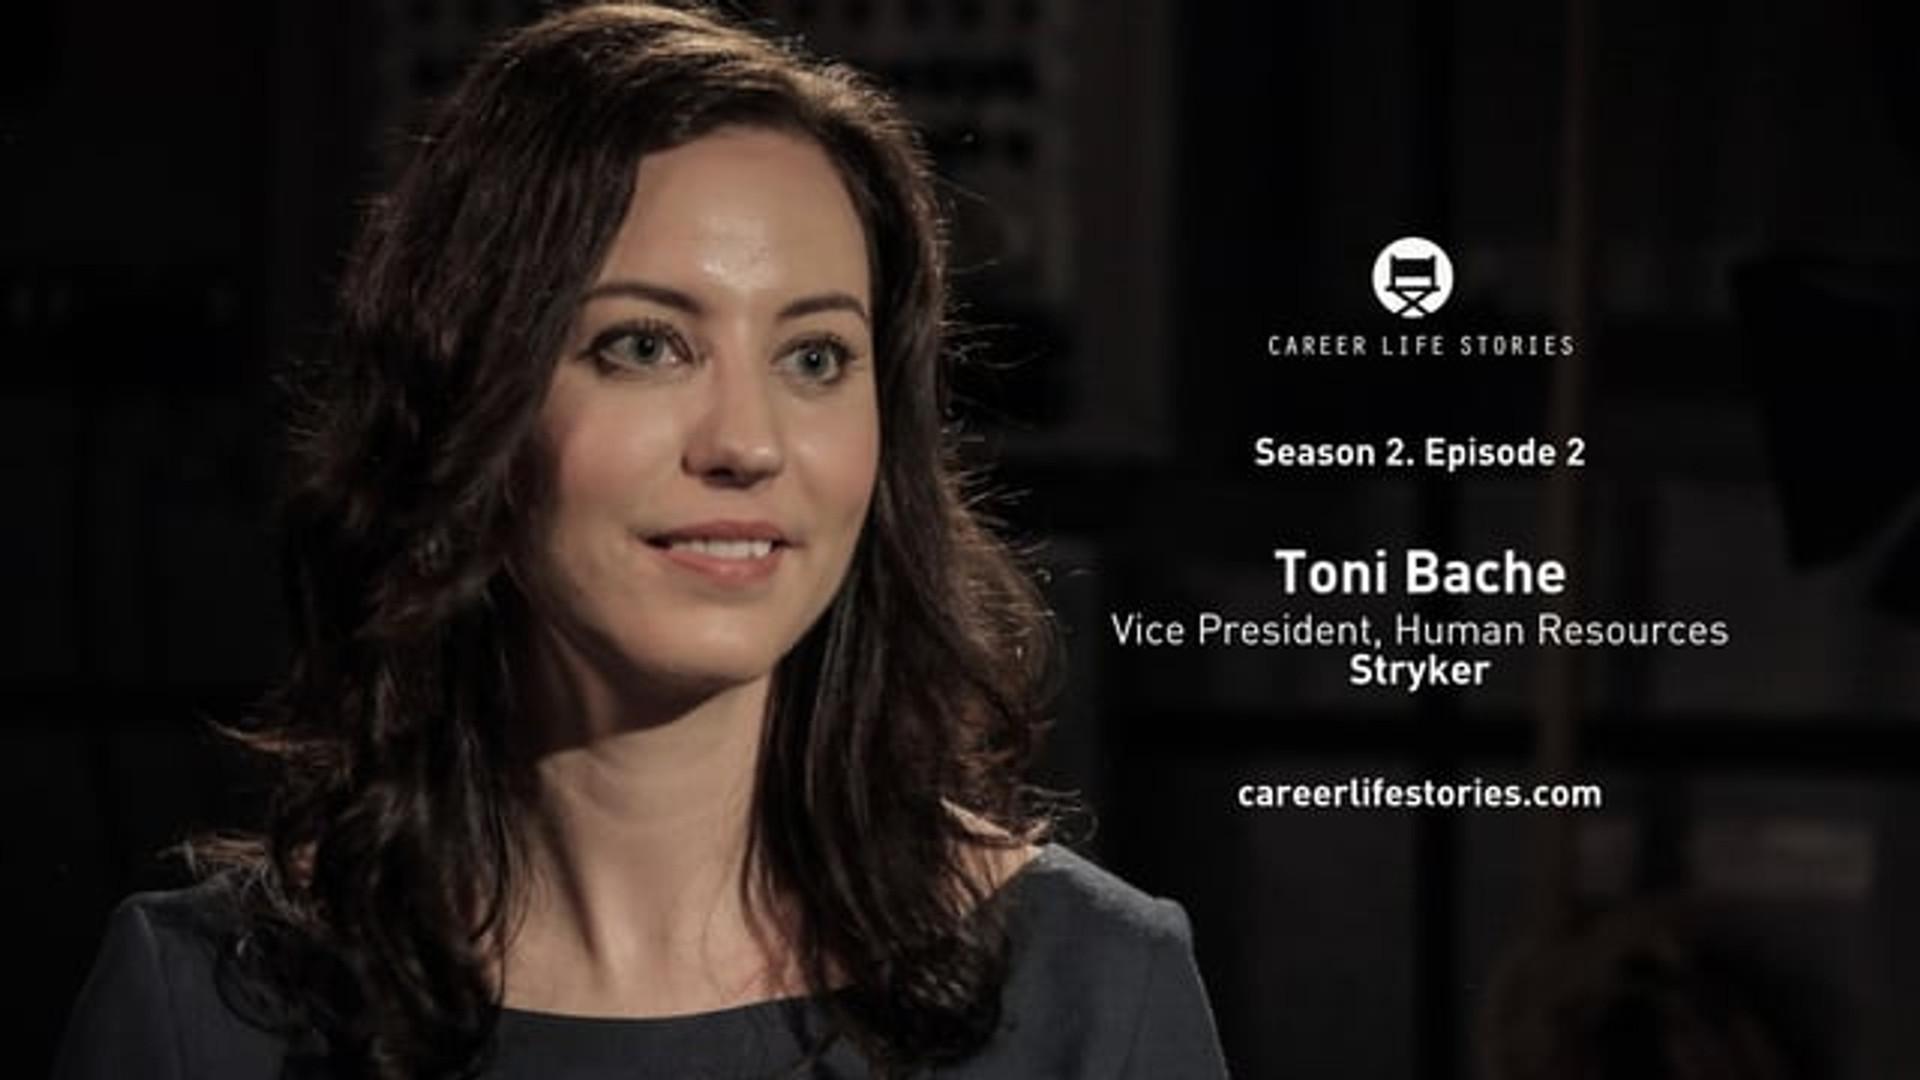 Career Life Stories: Toni Bache